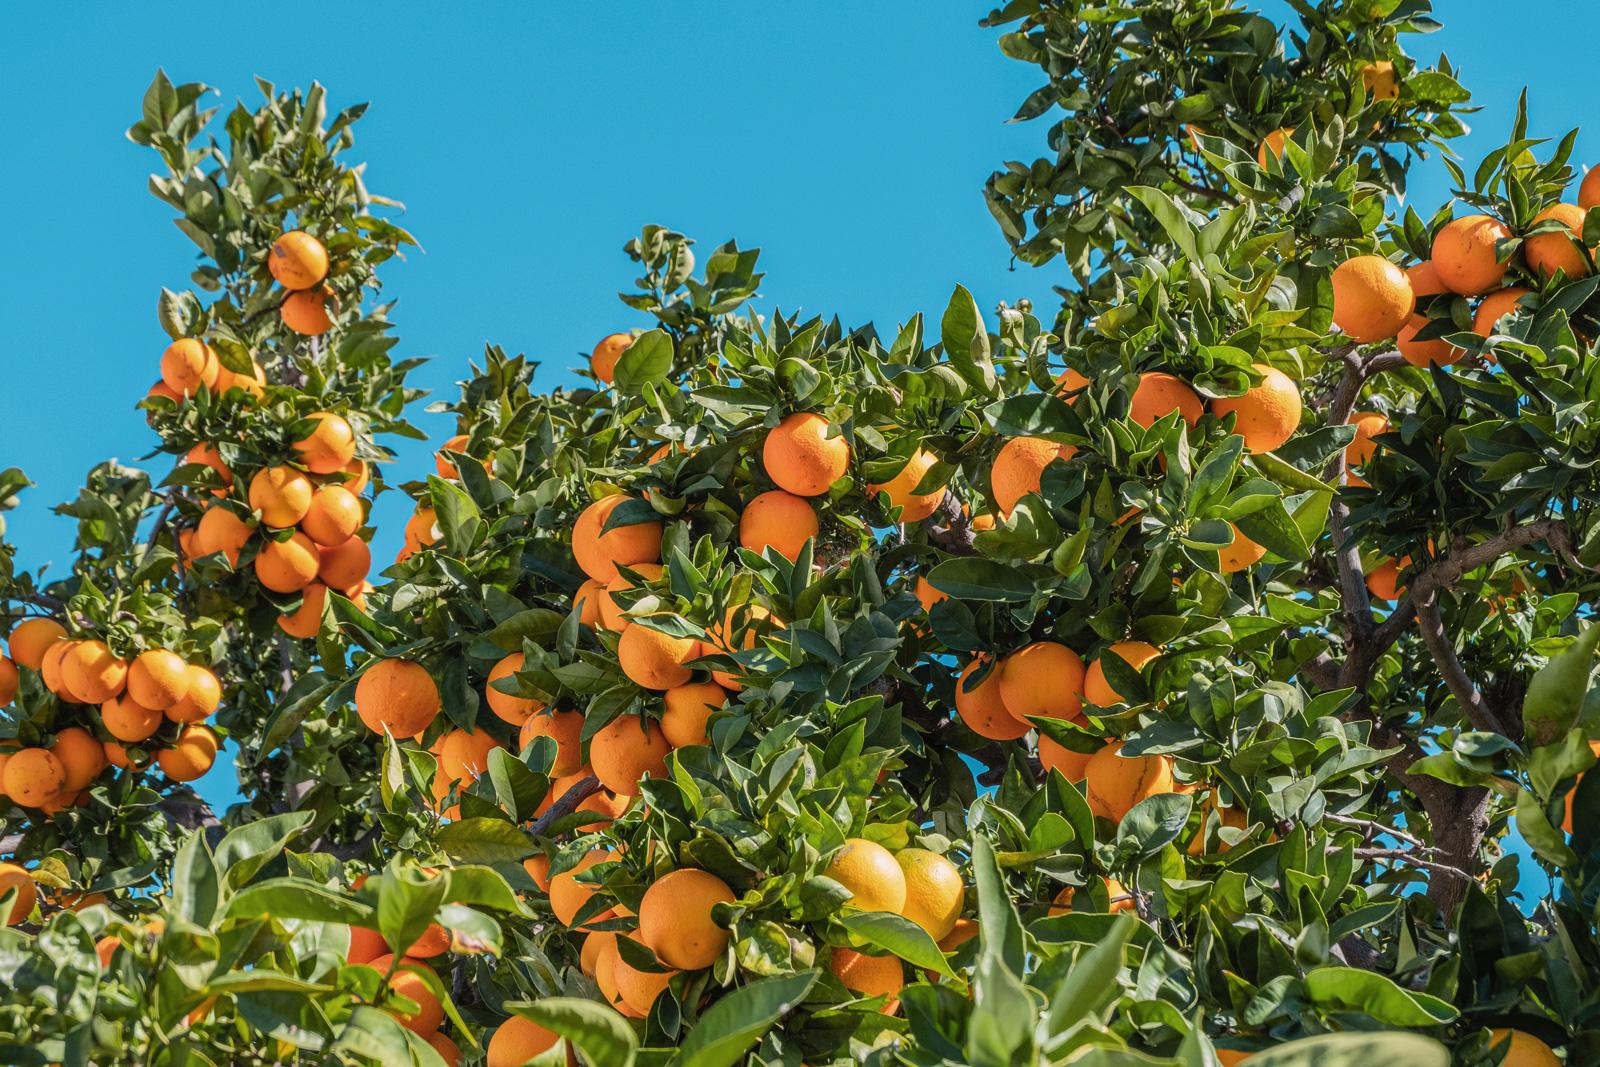 In Südspanien gibt es zu viele Orangen